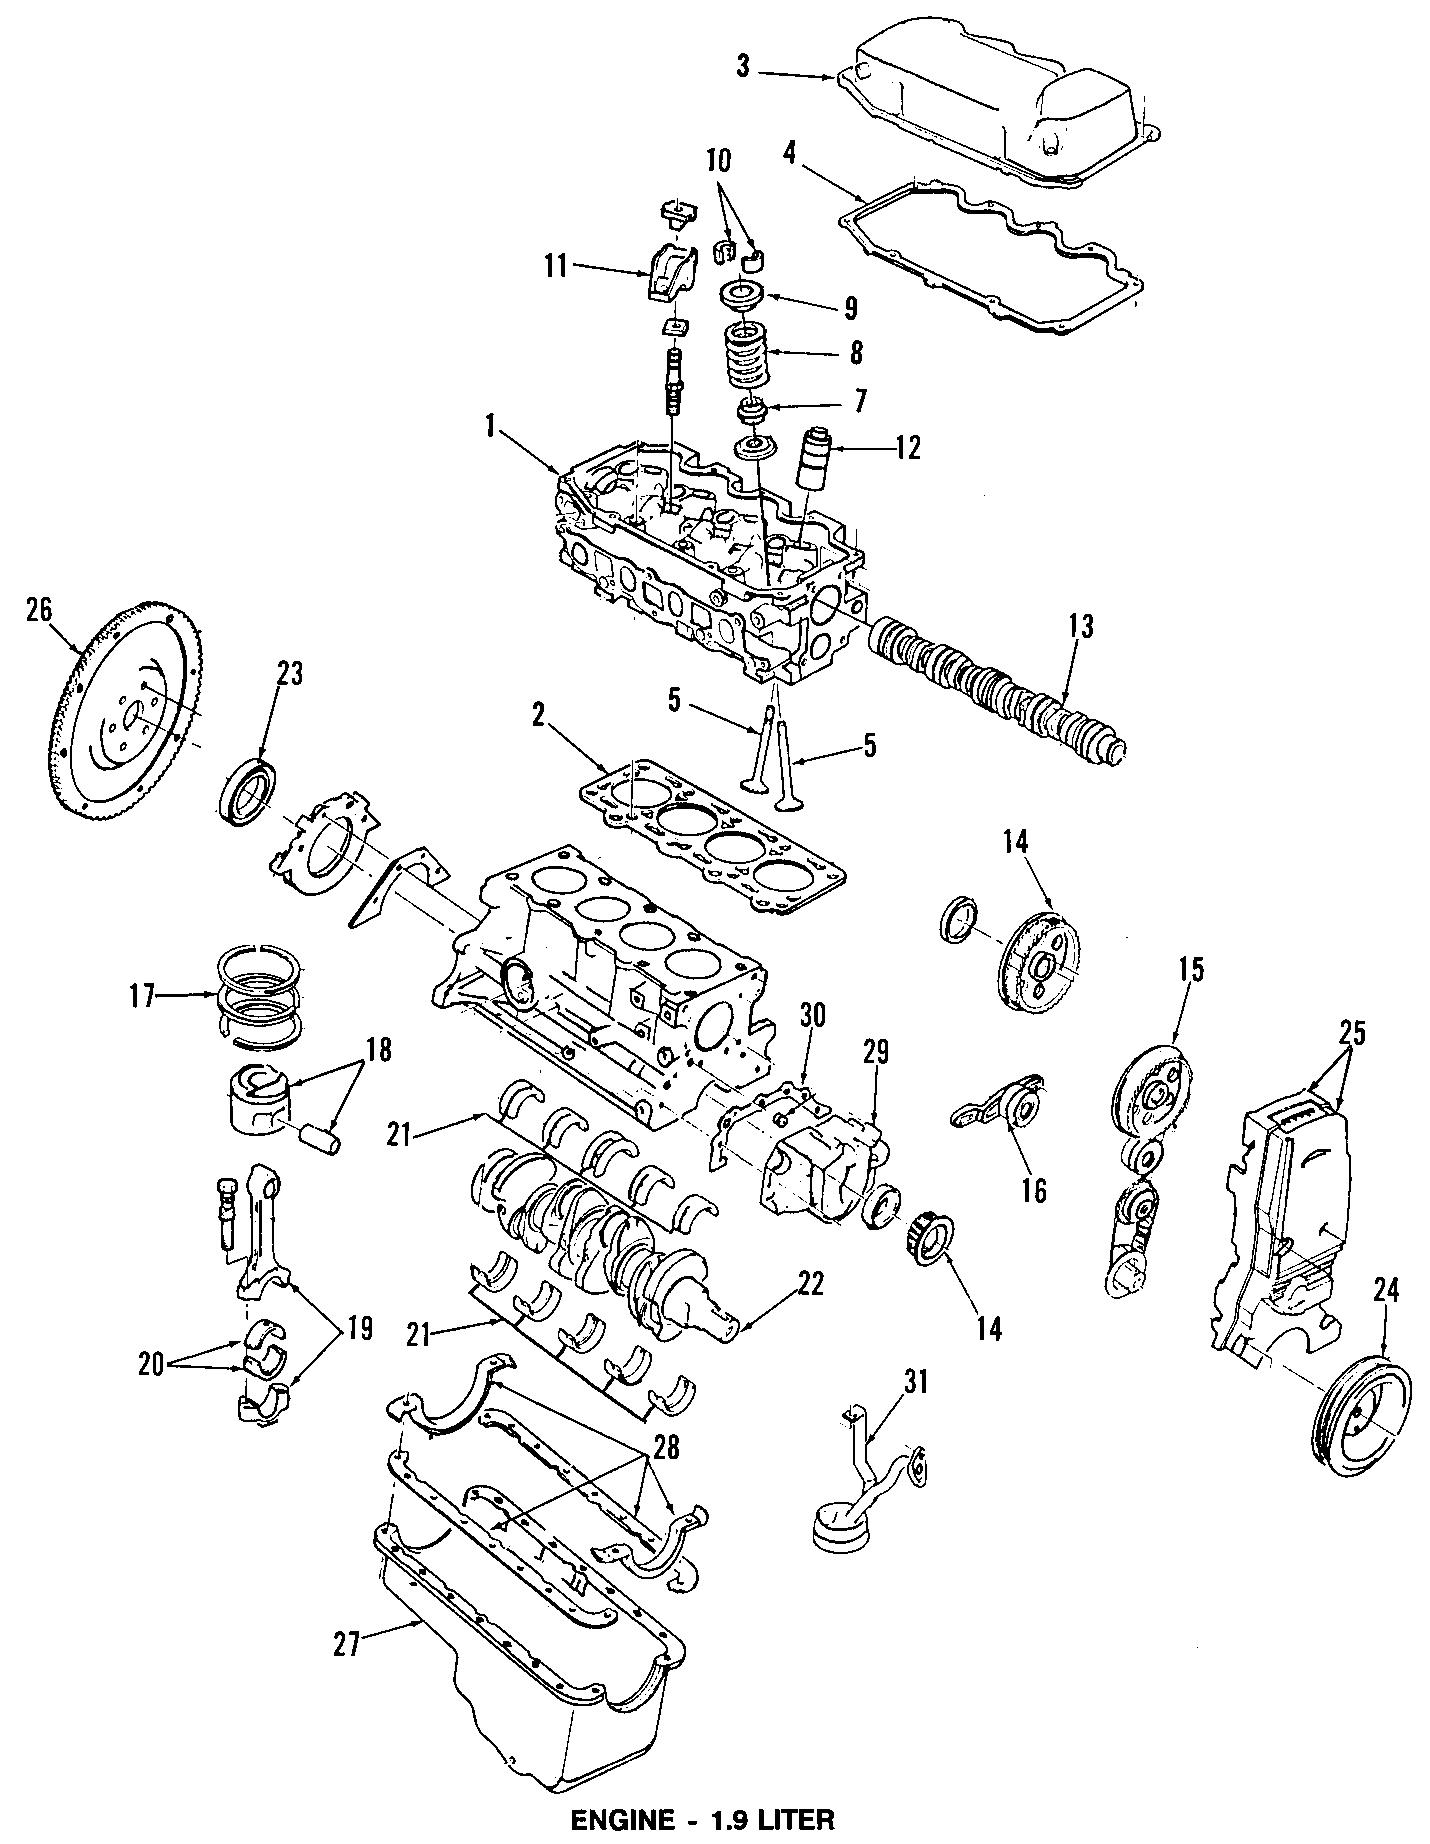 Ford Escort Engine Crankshaft Pulley. 1.9 LITER. 1.9L. 2